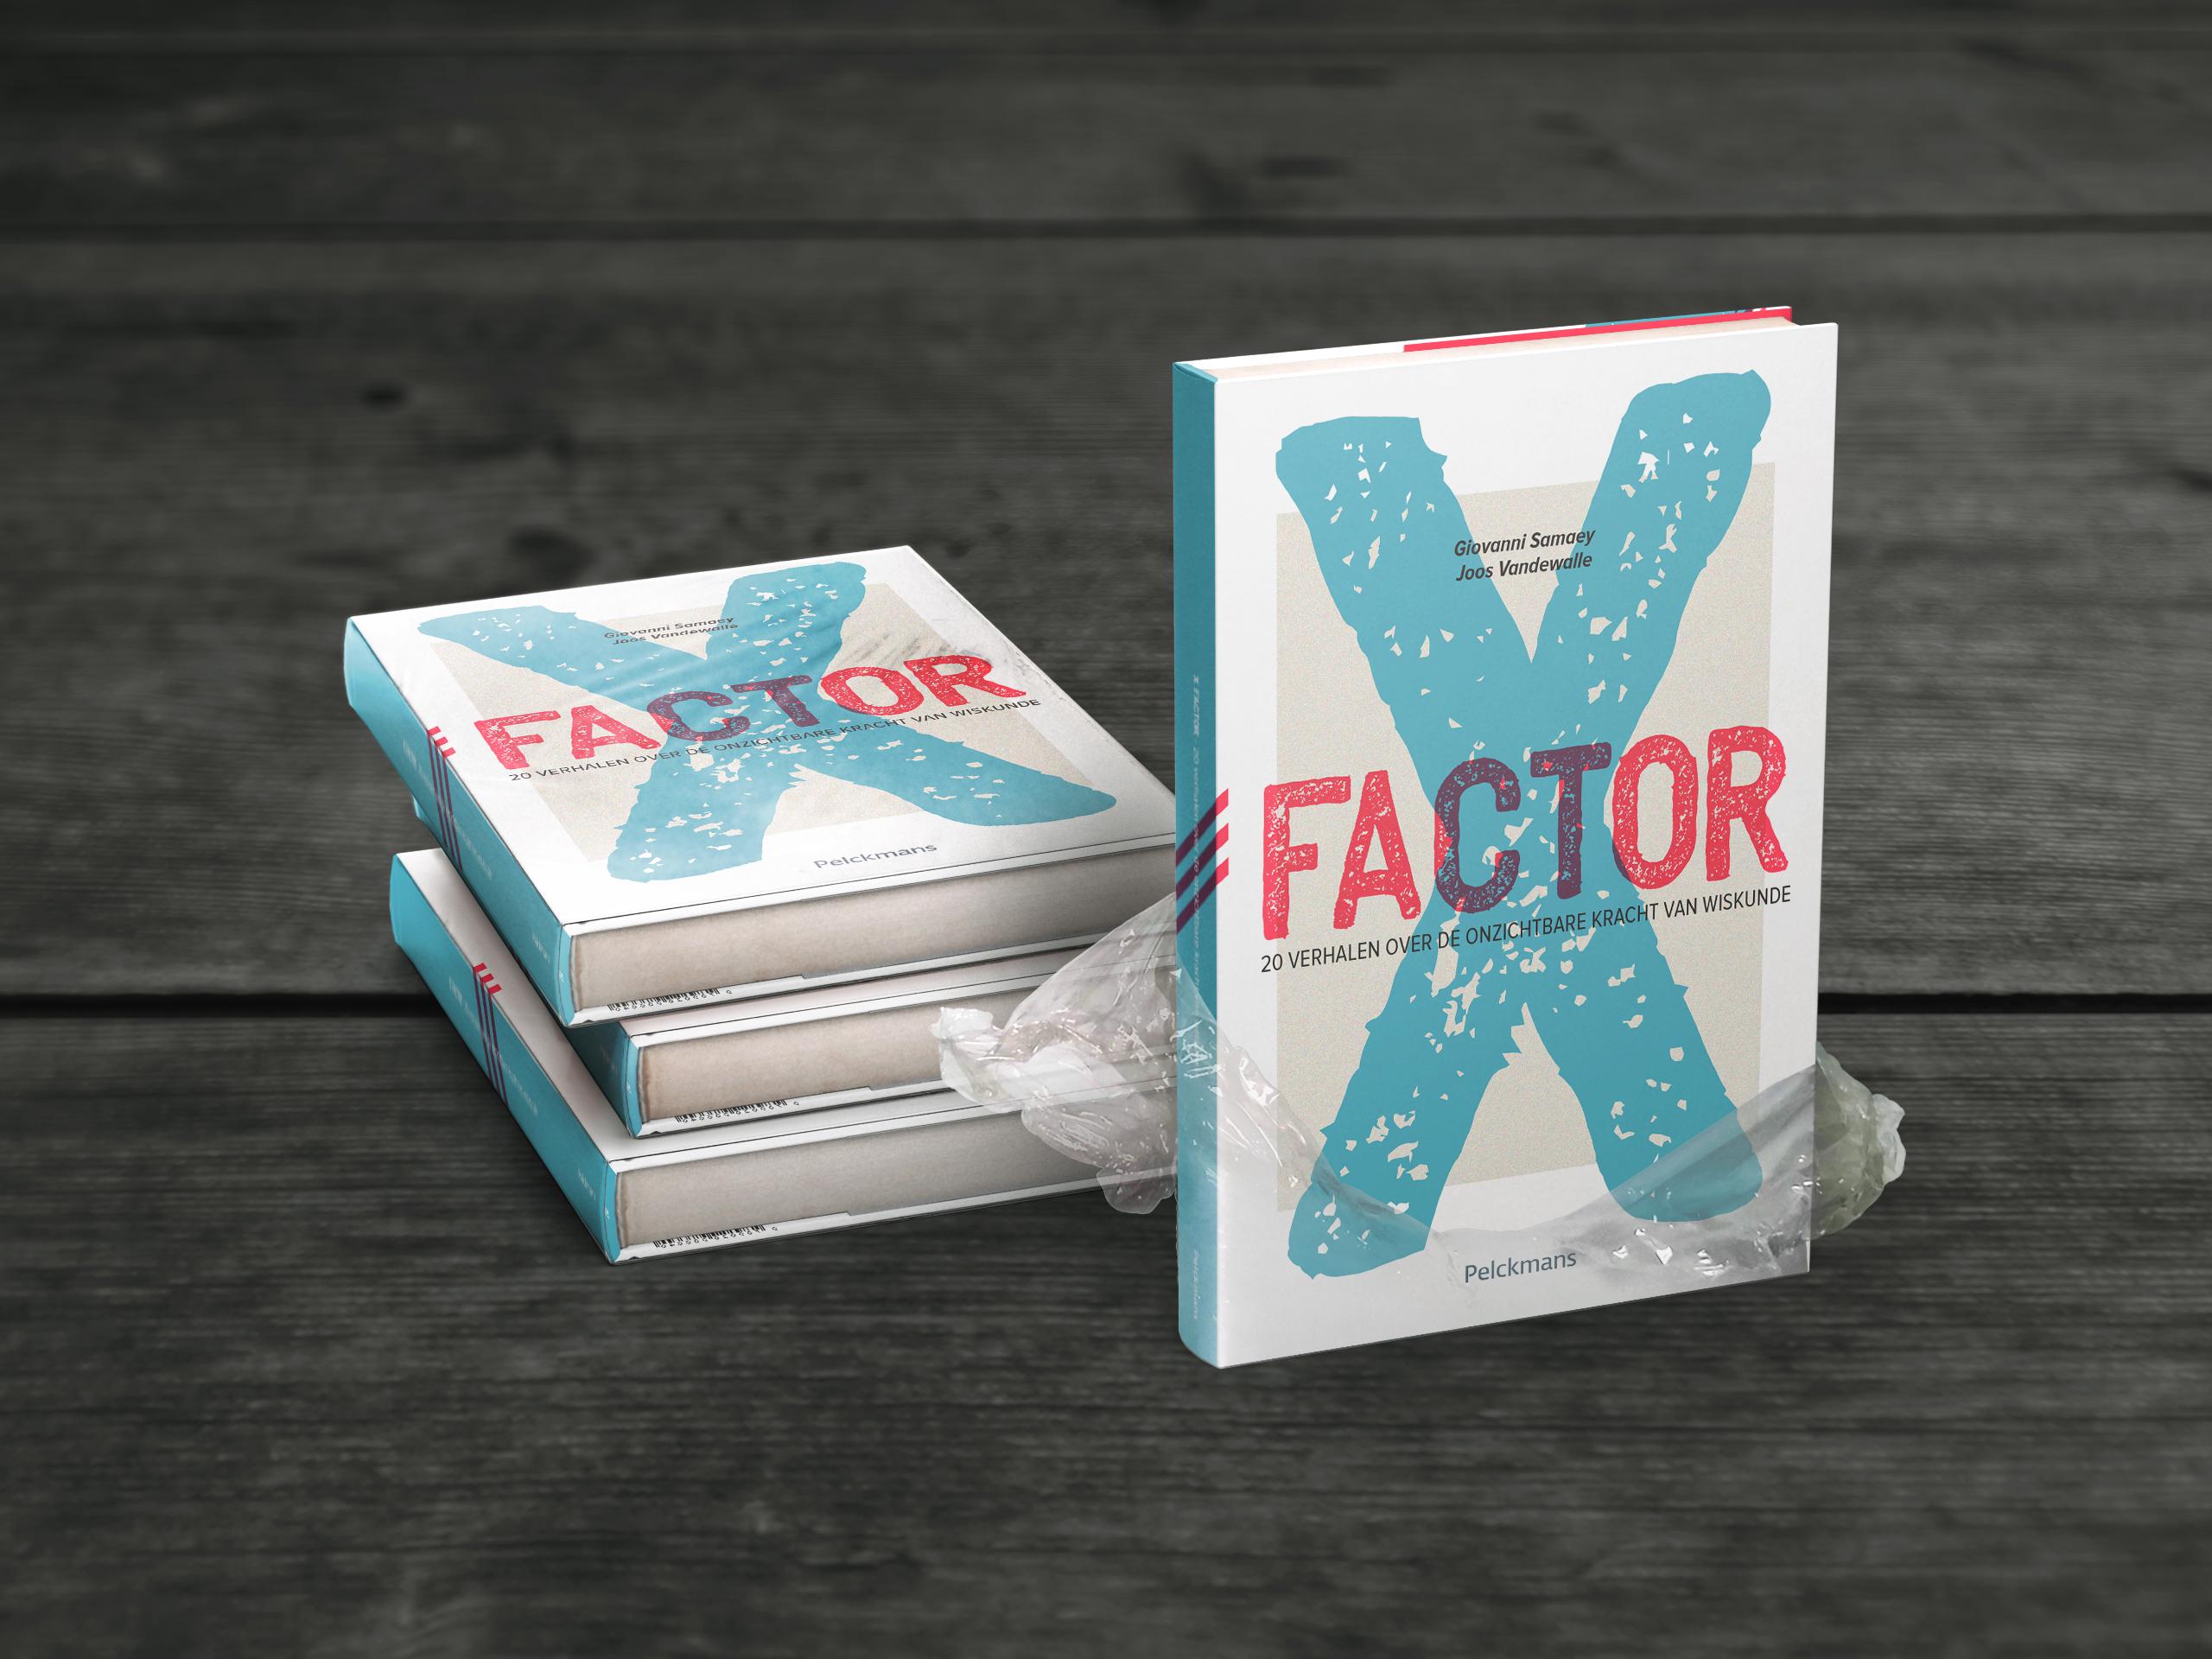 X Factor cover design